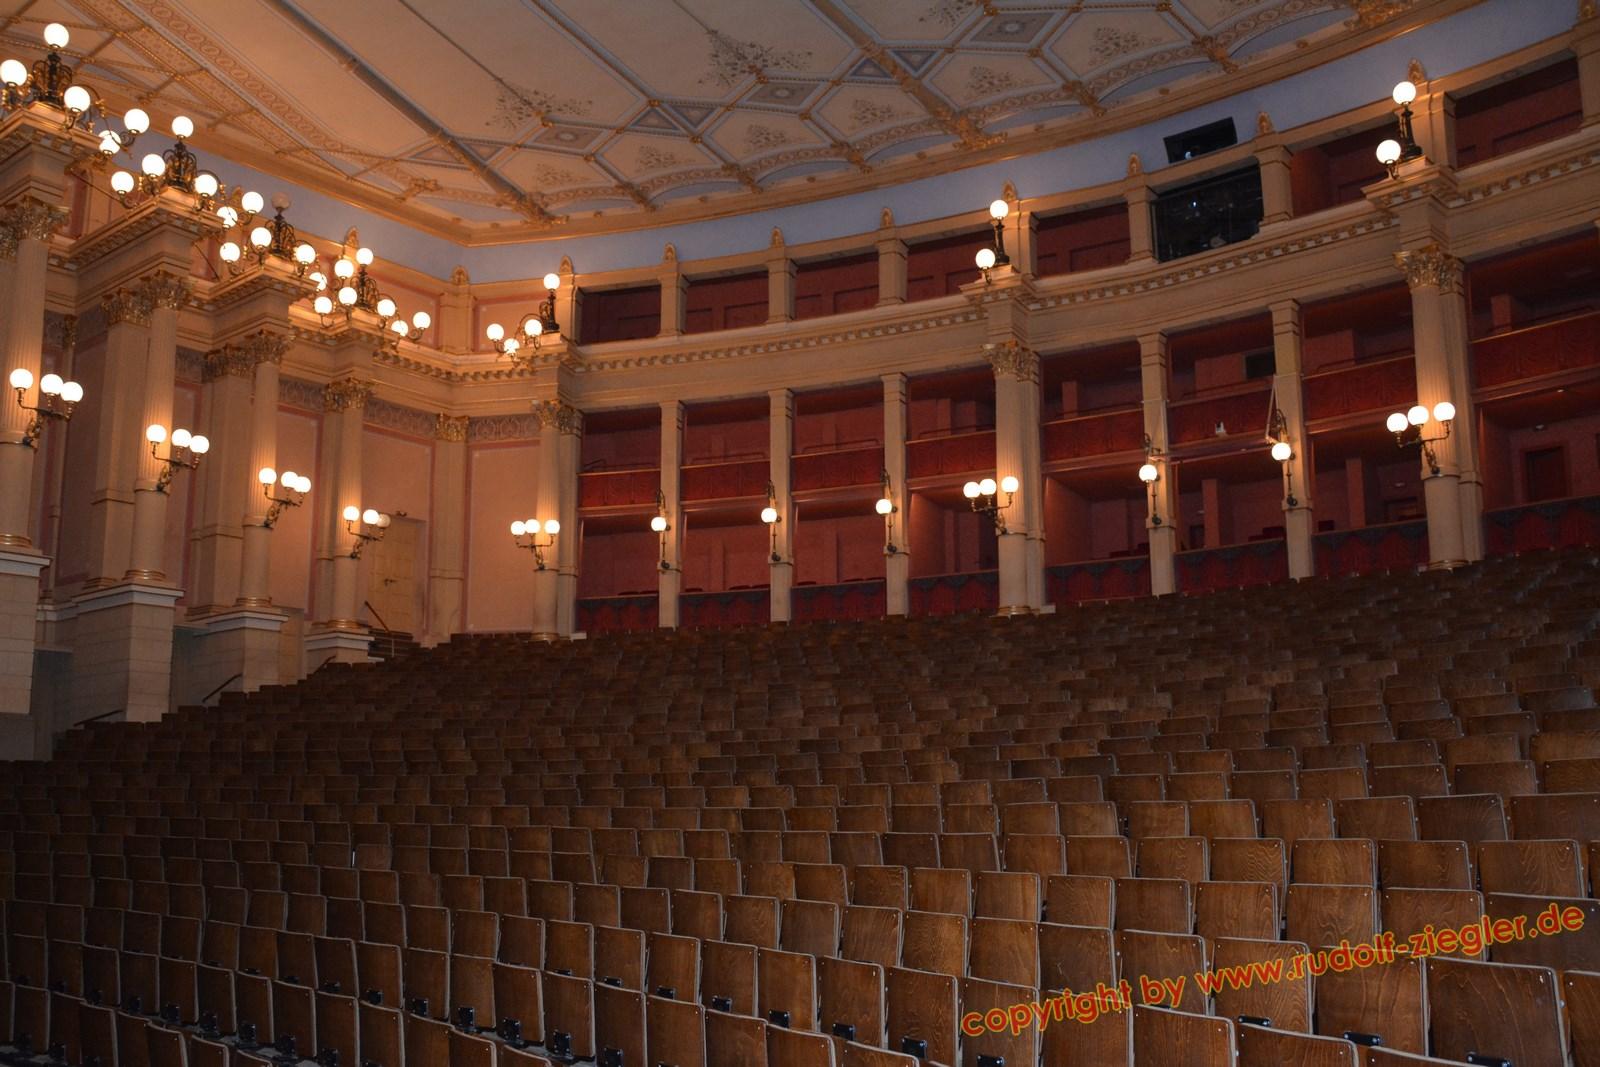 Festspielhaus Bayreuth 053-A (1600x1200)